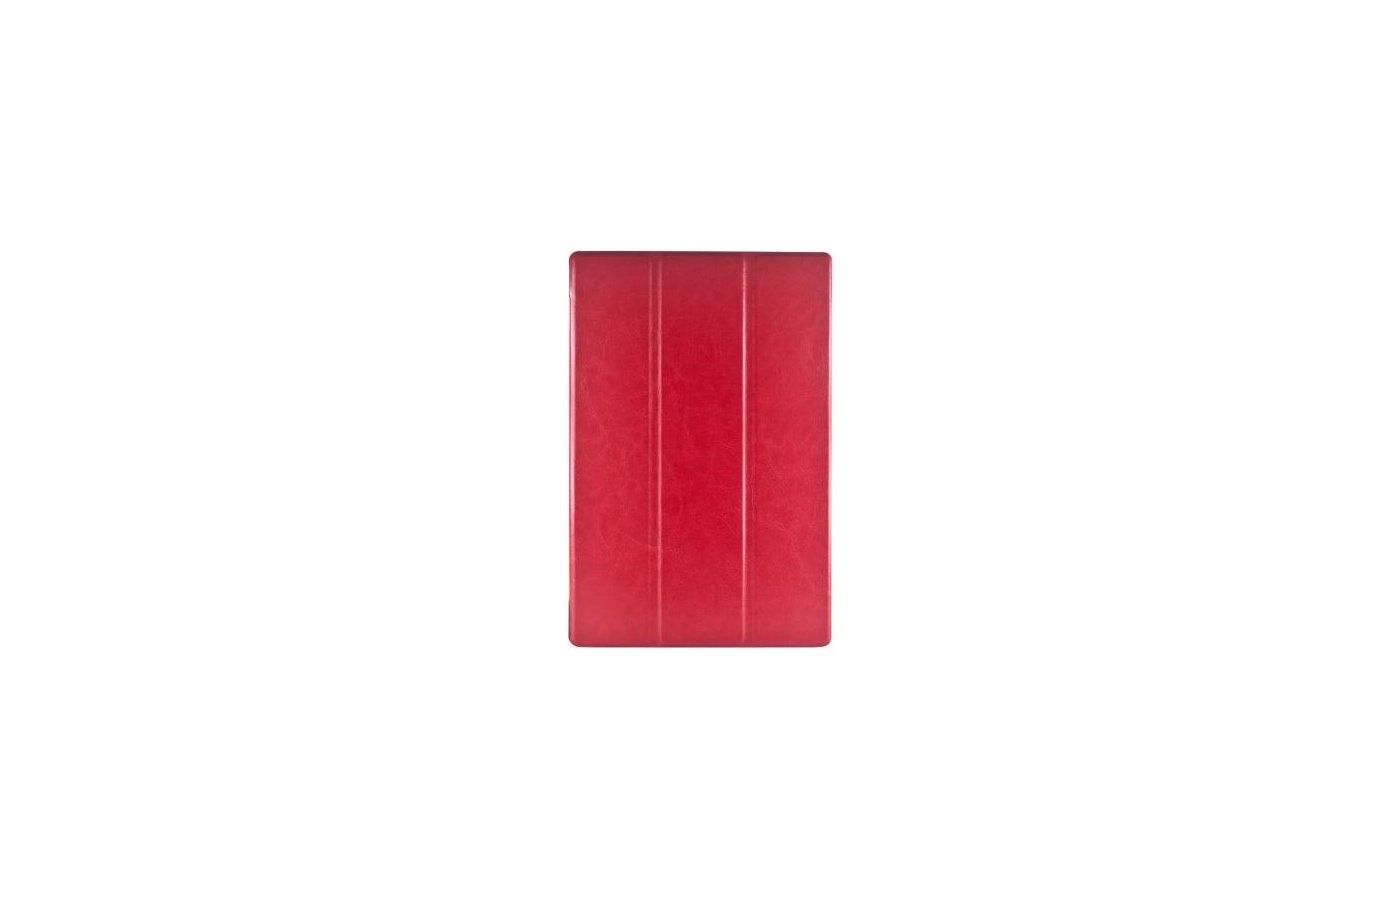 Чехол для планшетного ПК IT BAGGAGE для SONY Xperia TM Tablet Z4 10 ультратонкий hard-case искус. кожа красный ITSYZ4-3